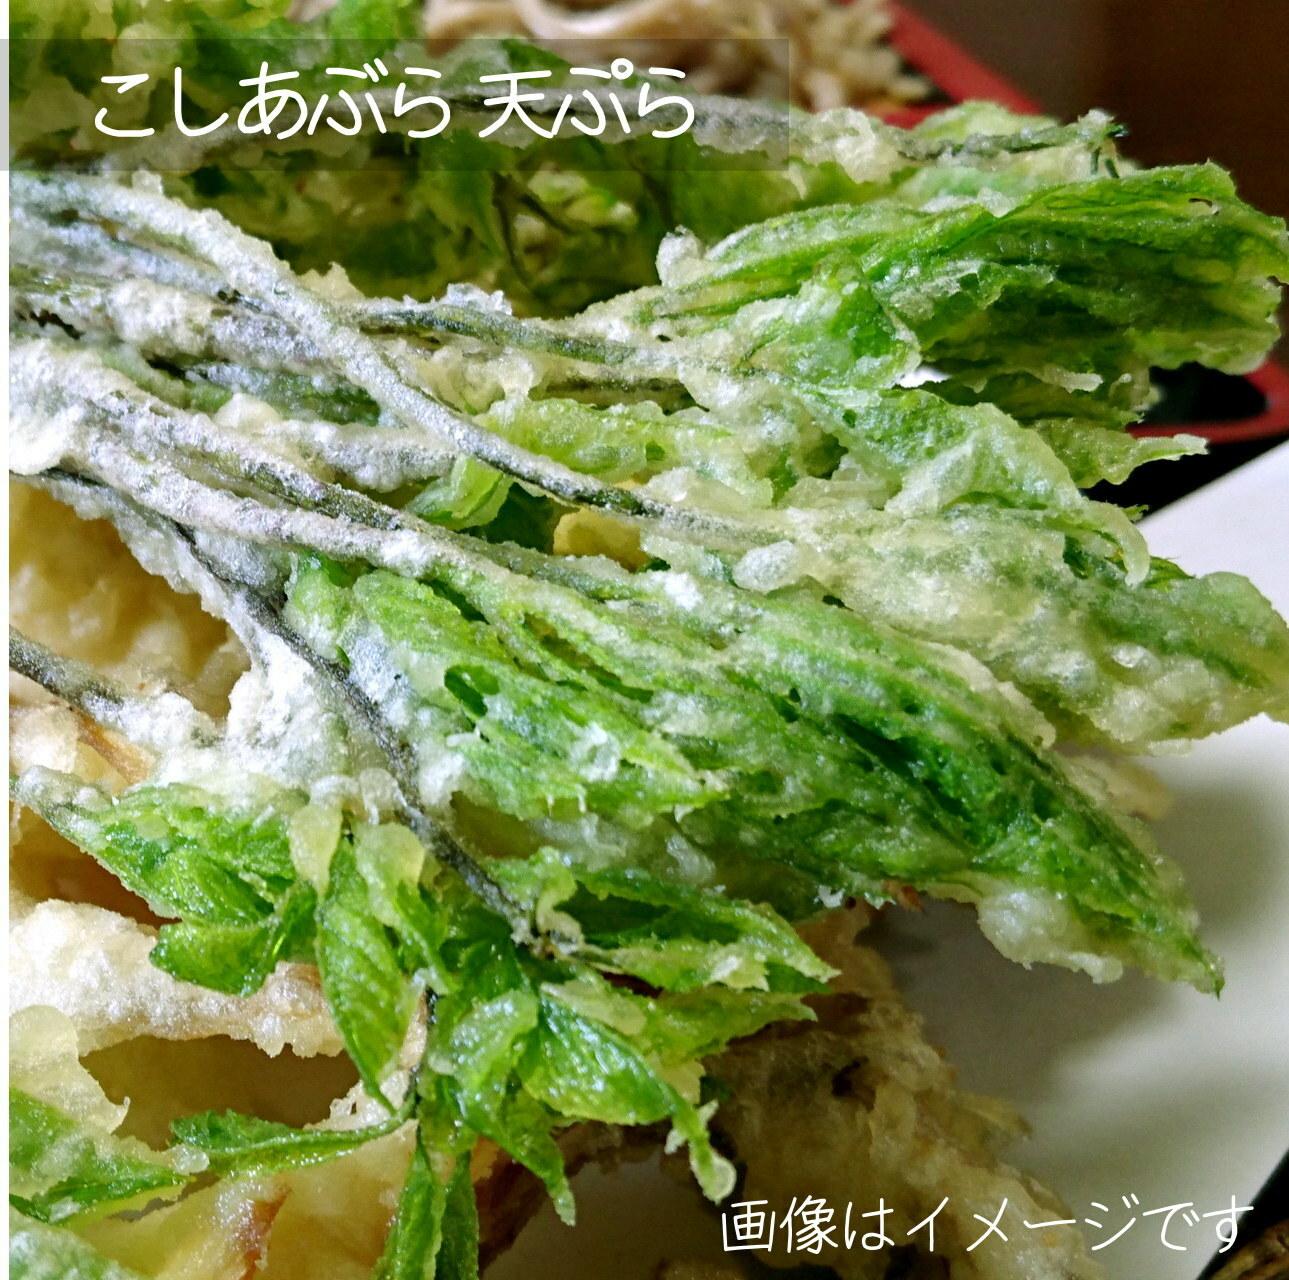 4月の山菜 こしあぶら 約50g 朝採り直売野菜 4月25日発送予定